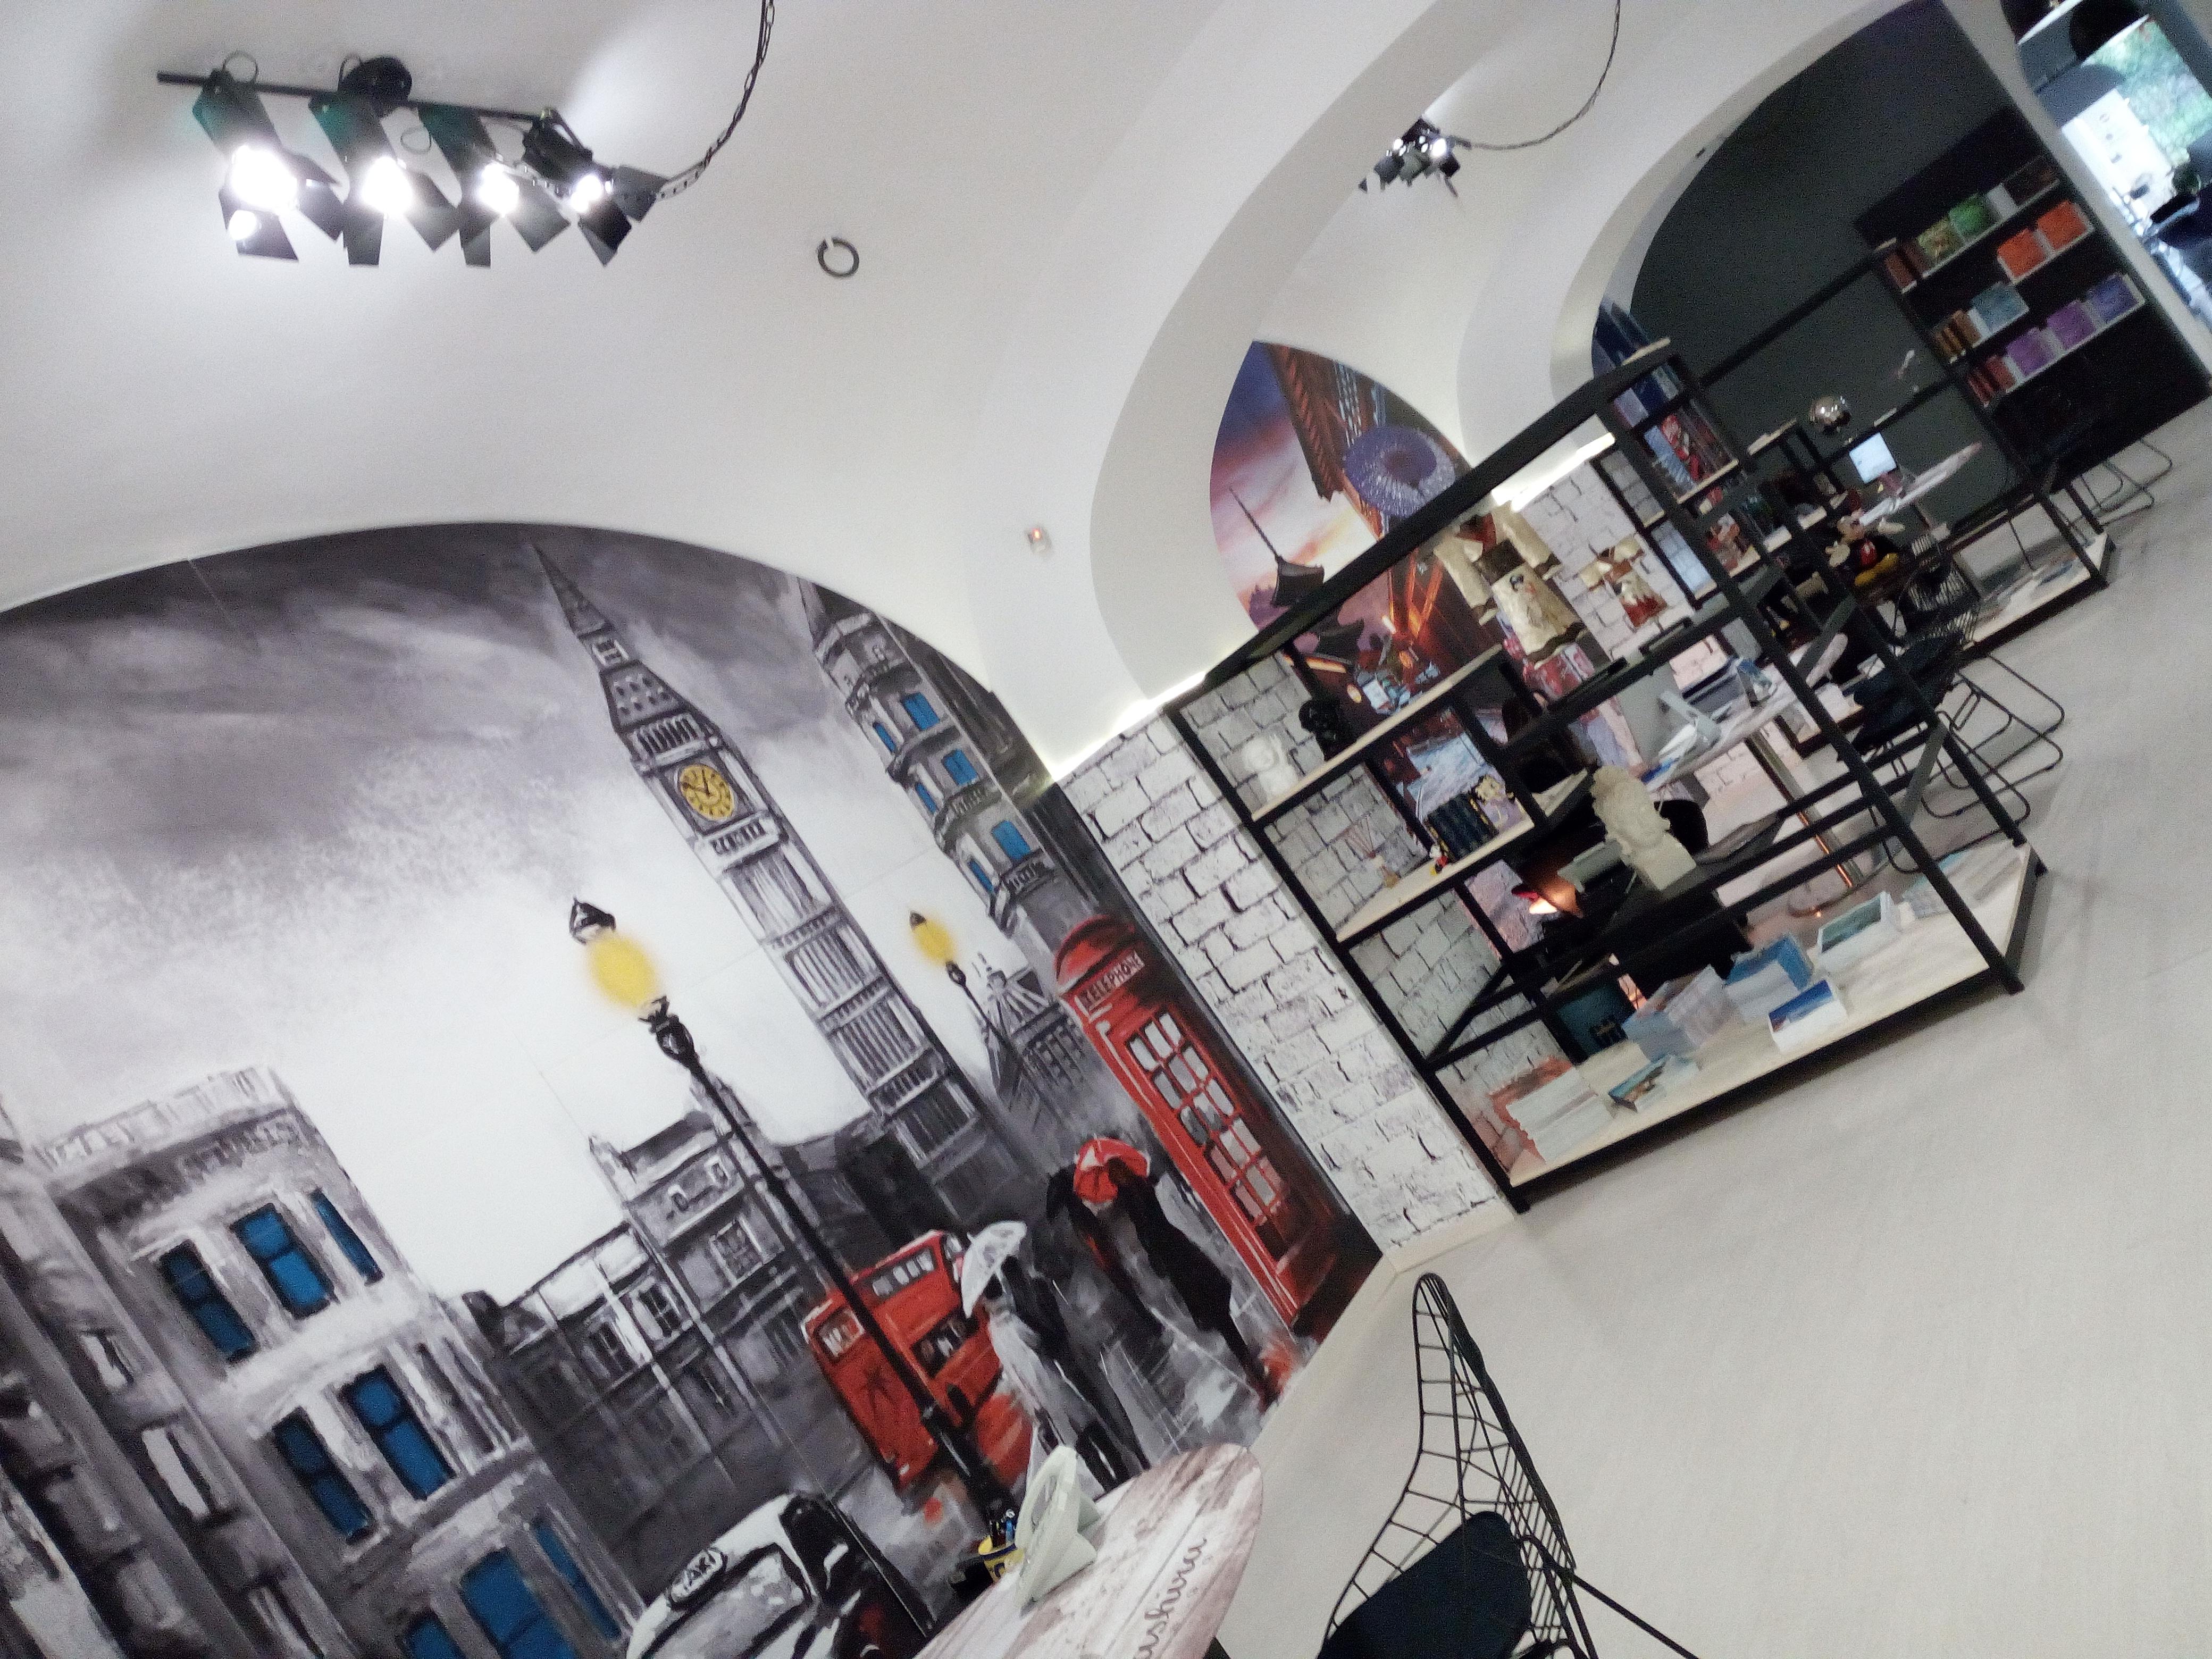 Progettazione e allestimento agenzia di servizi, parete decorata, scaffali su misura